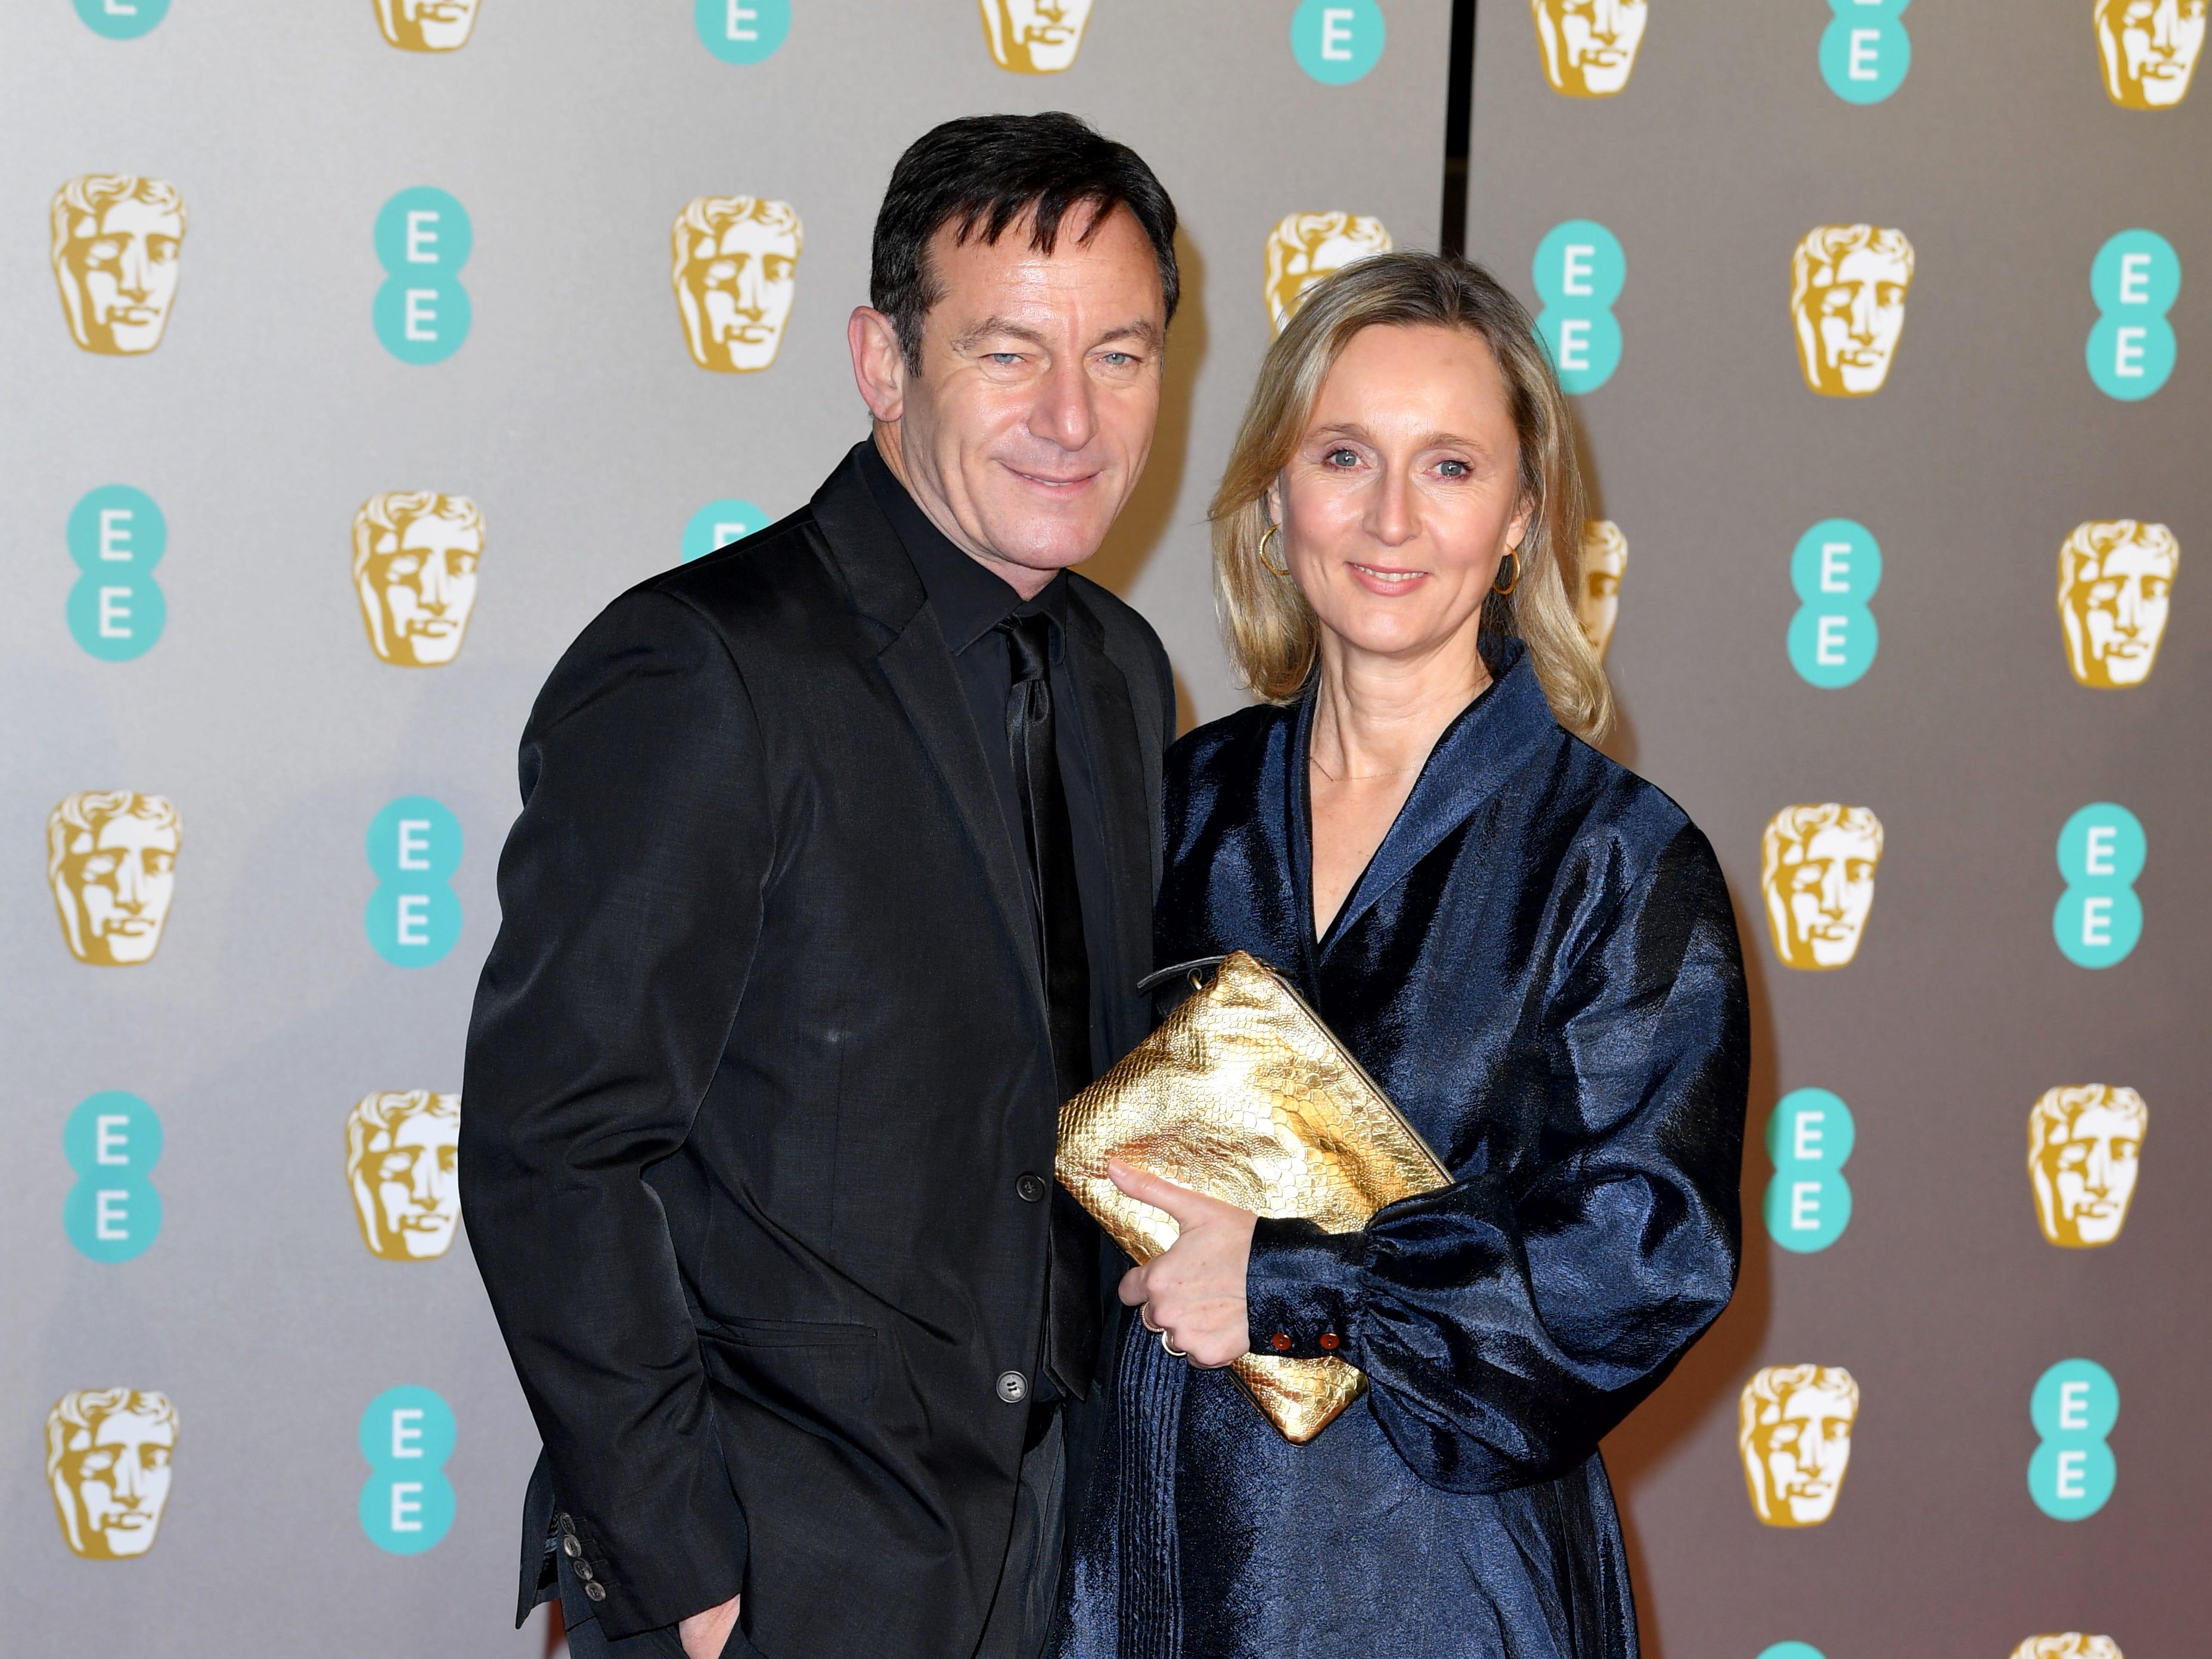 Jason Isaacs (izq) y Emma Hewitt a su llegada a la alfombra roja de los Premios de la Academia Británica de Cine BAFTA en el Royal Albert Hall en Londres el 10 de febrero de 2019.